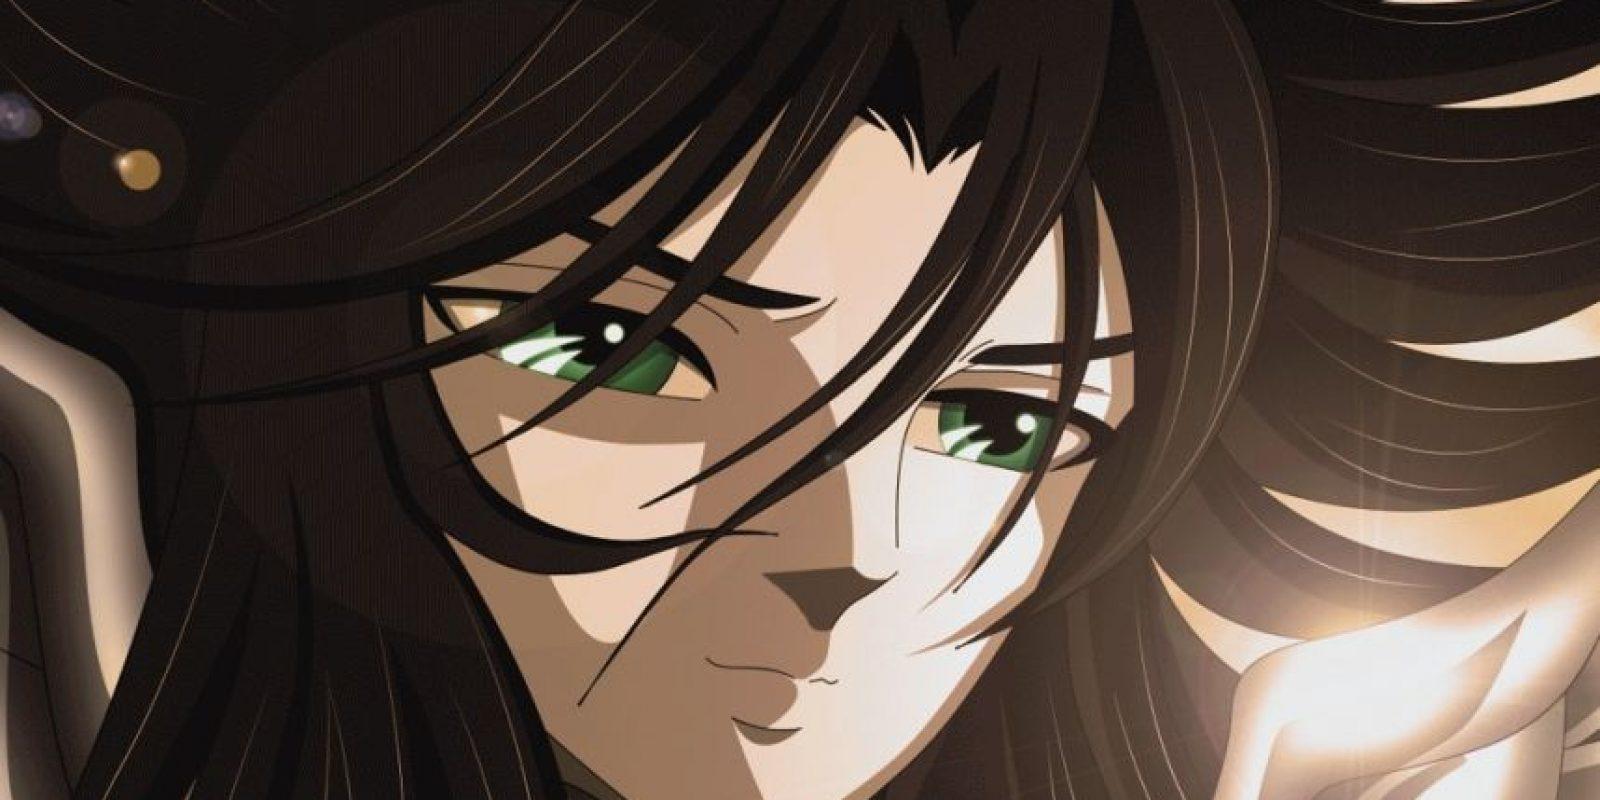 Es el dios más peligroso que deben enfrentar los caballeros de Atena en el anime. Foto:Toei